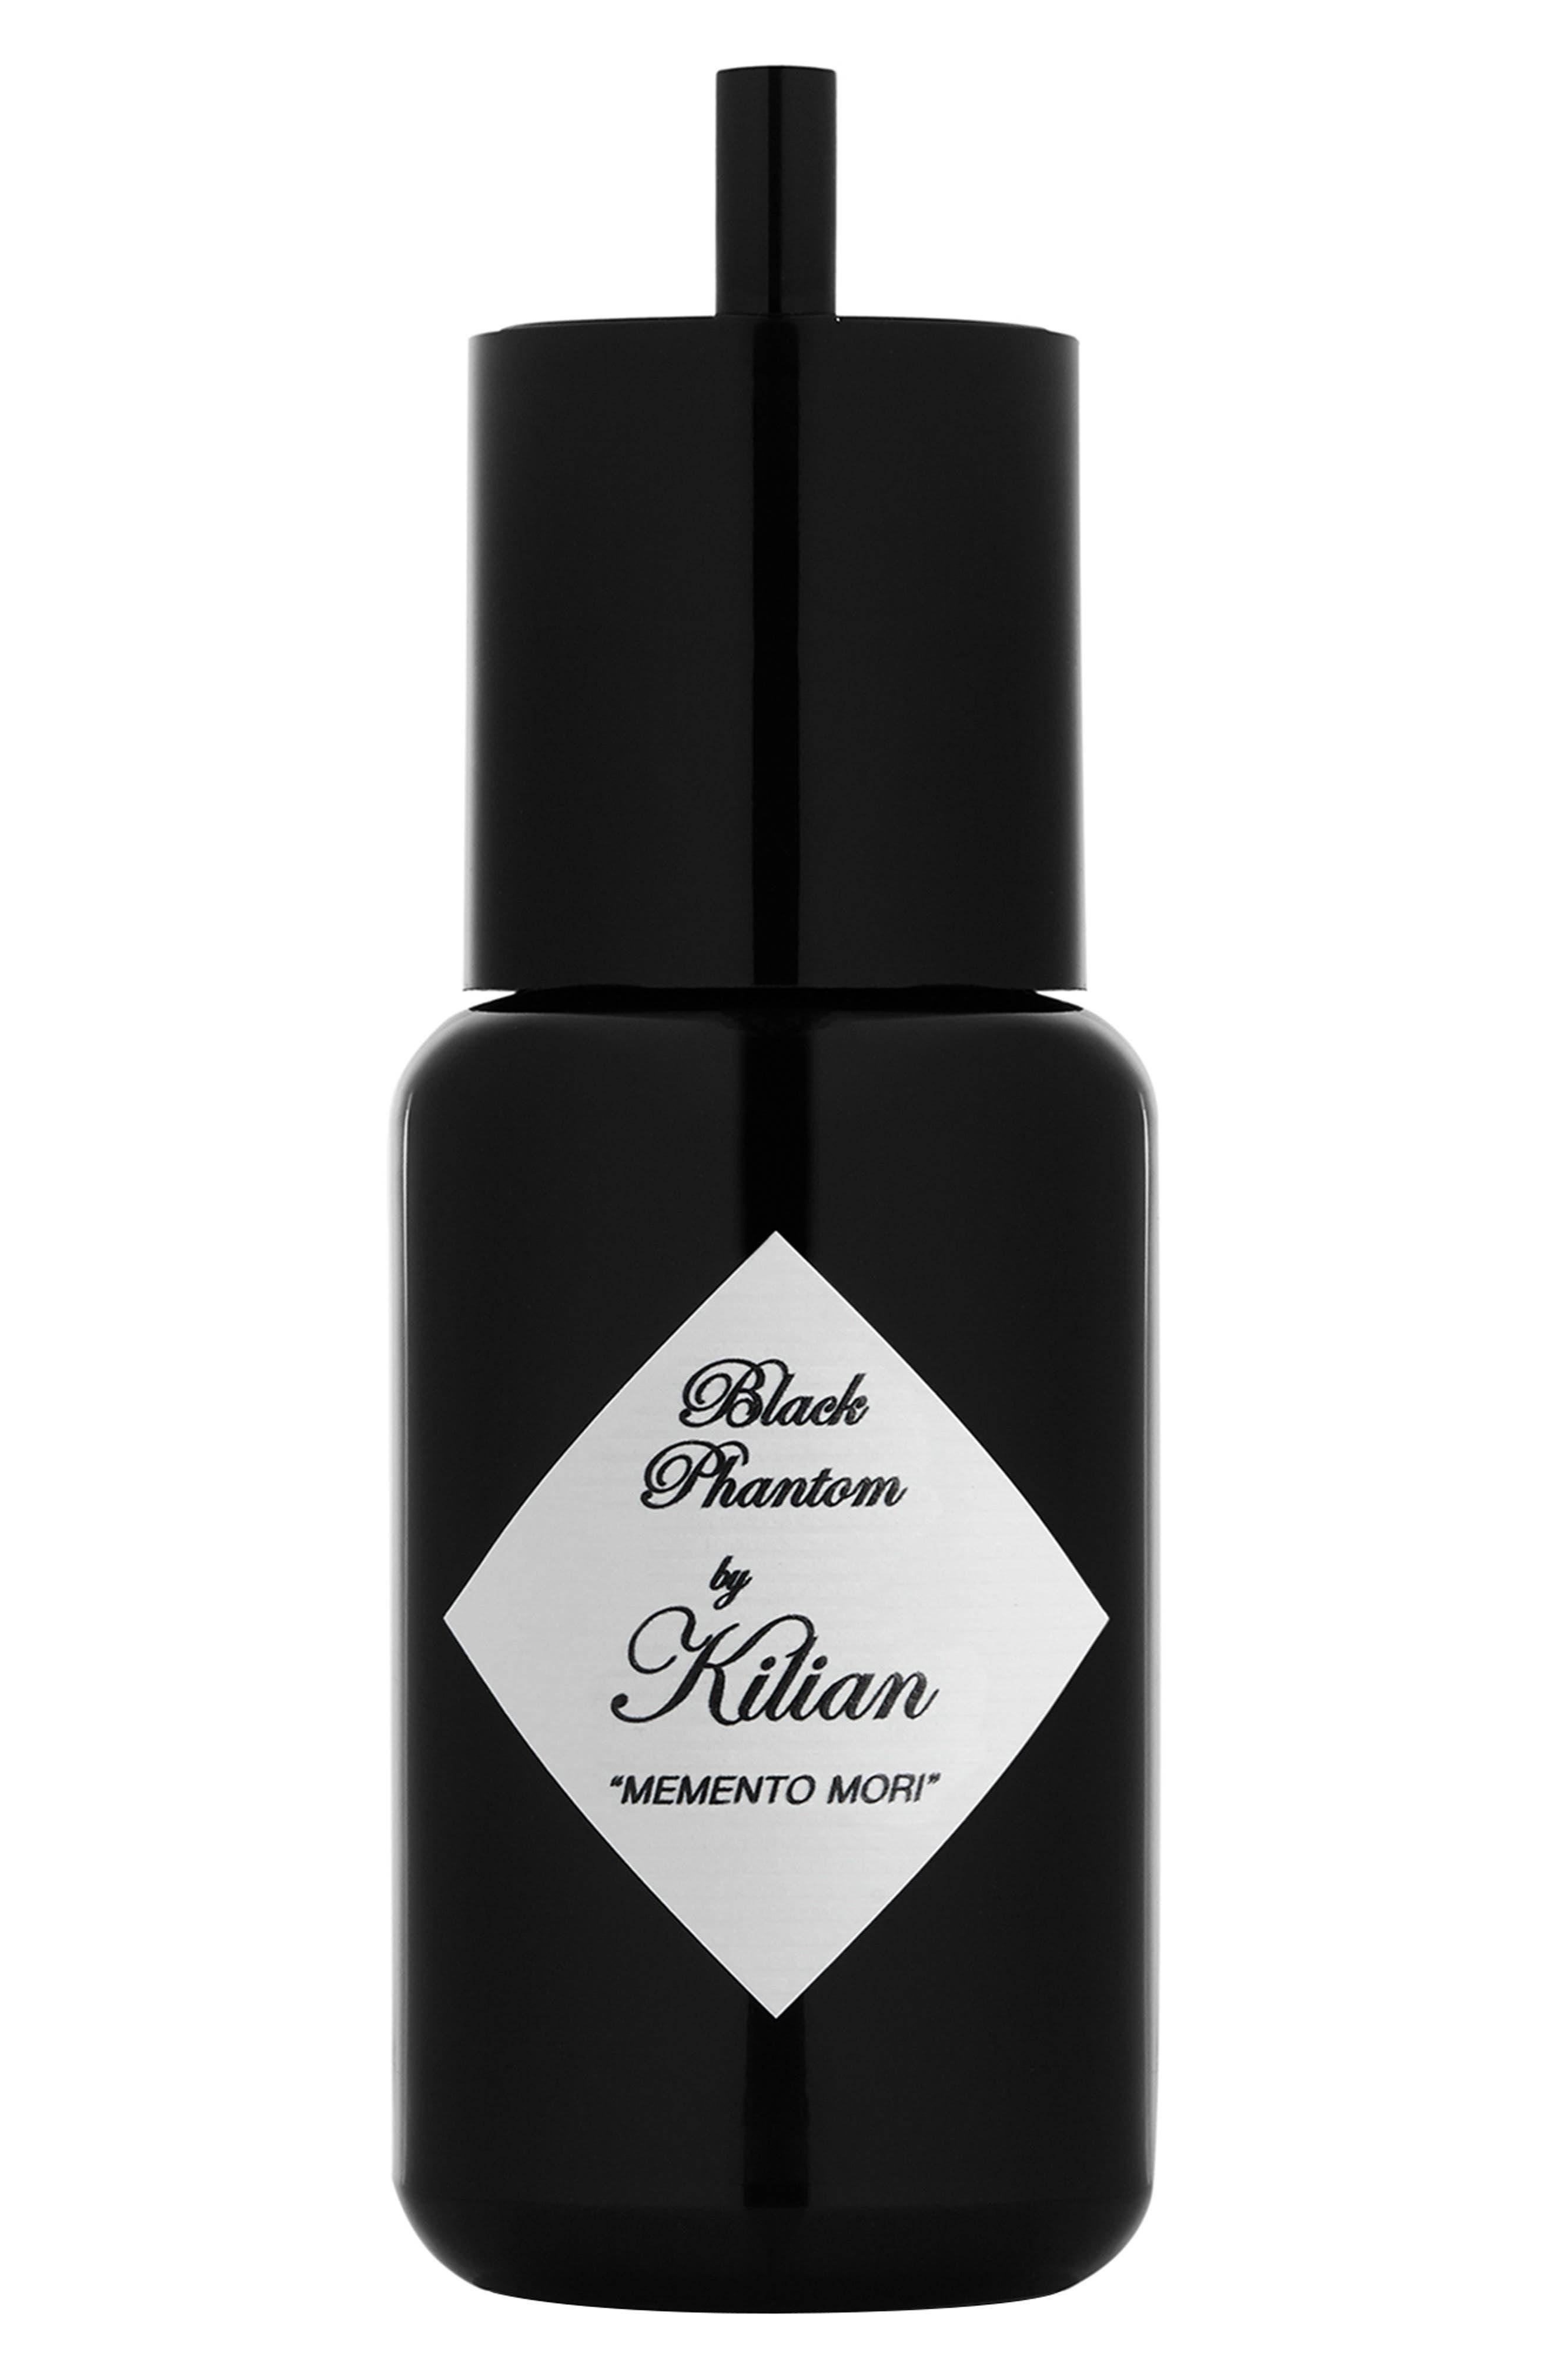 Black Phantom Memento Mori Fragrance Refill